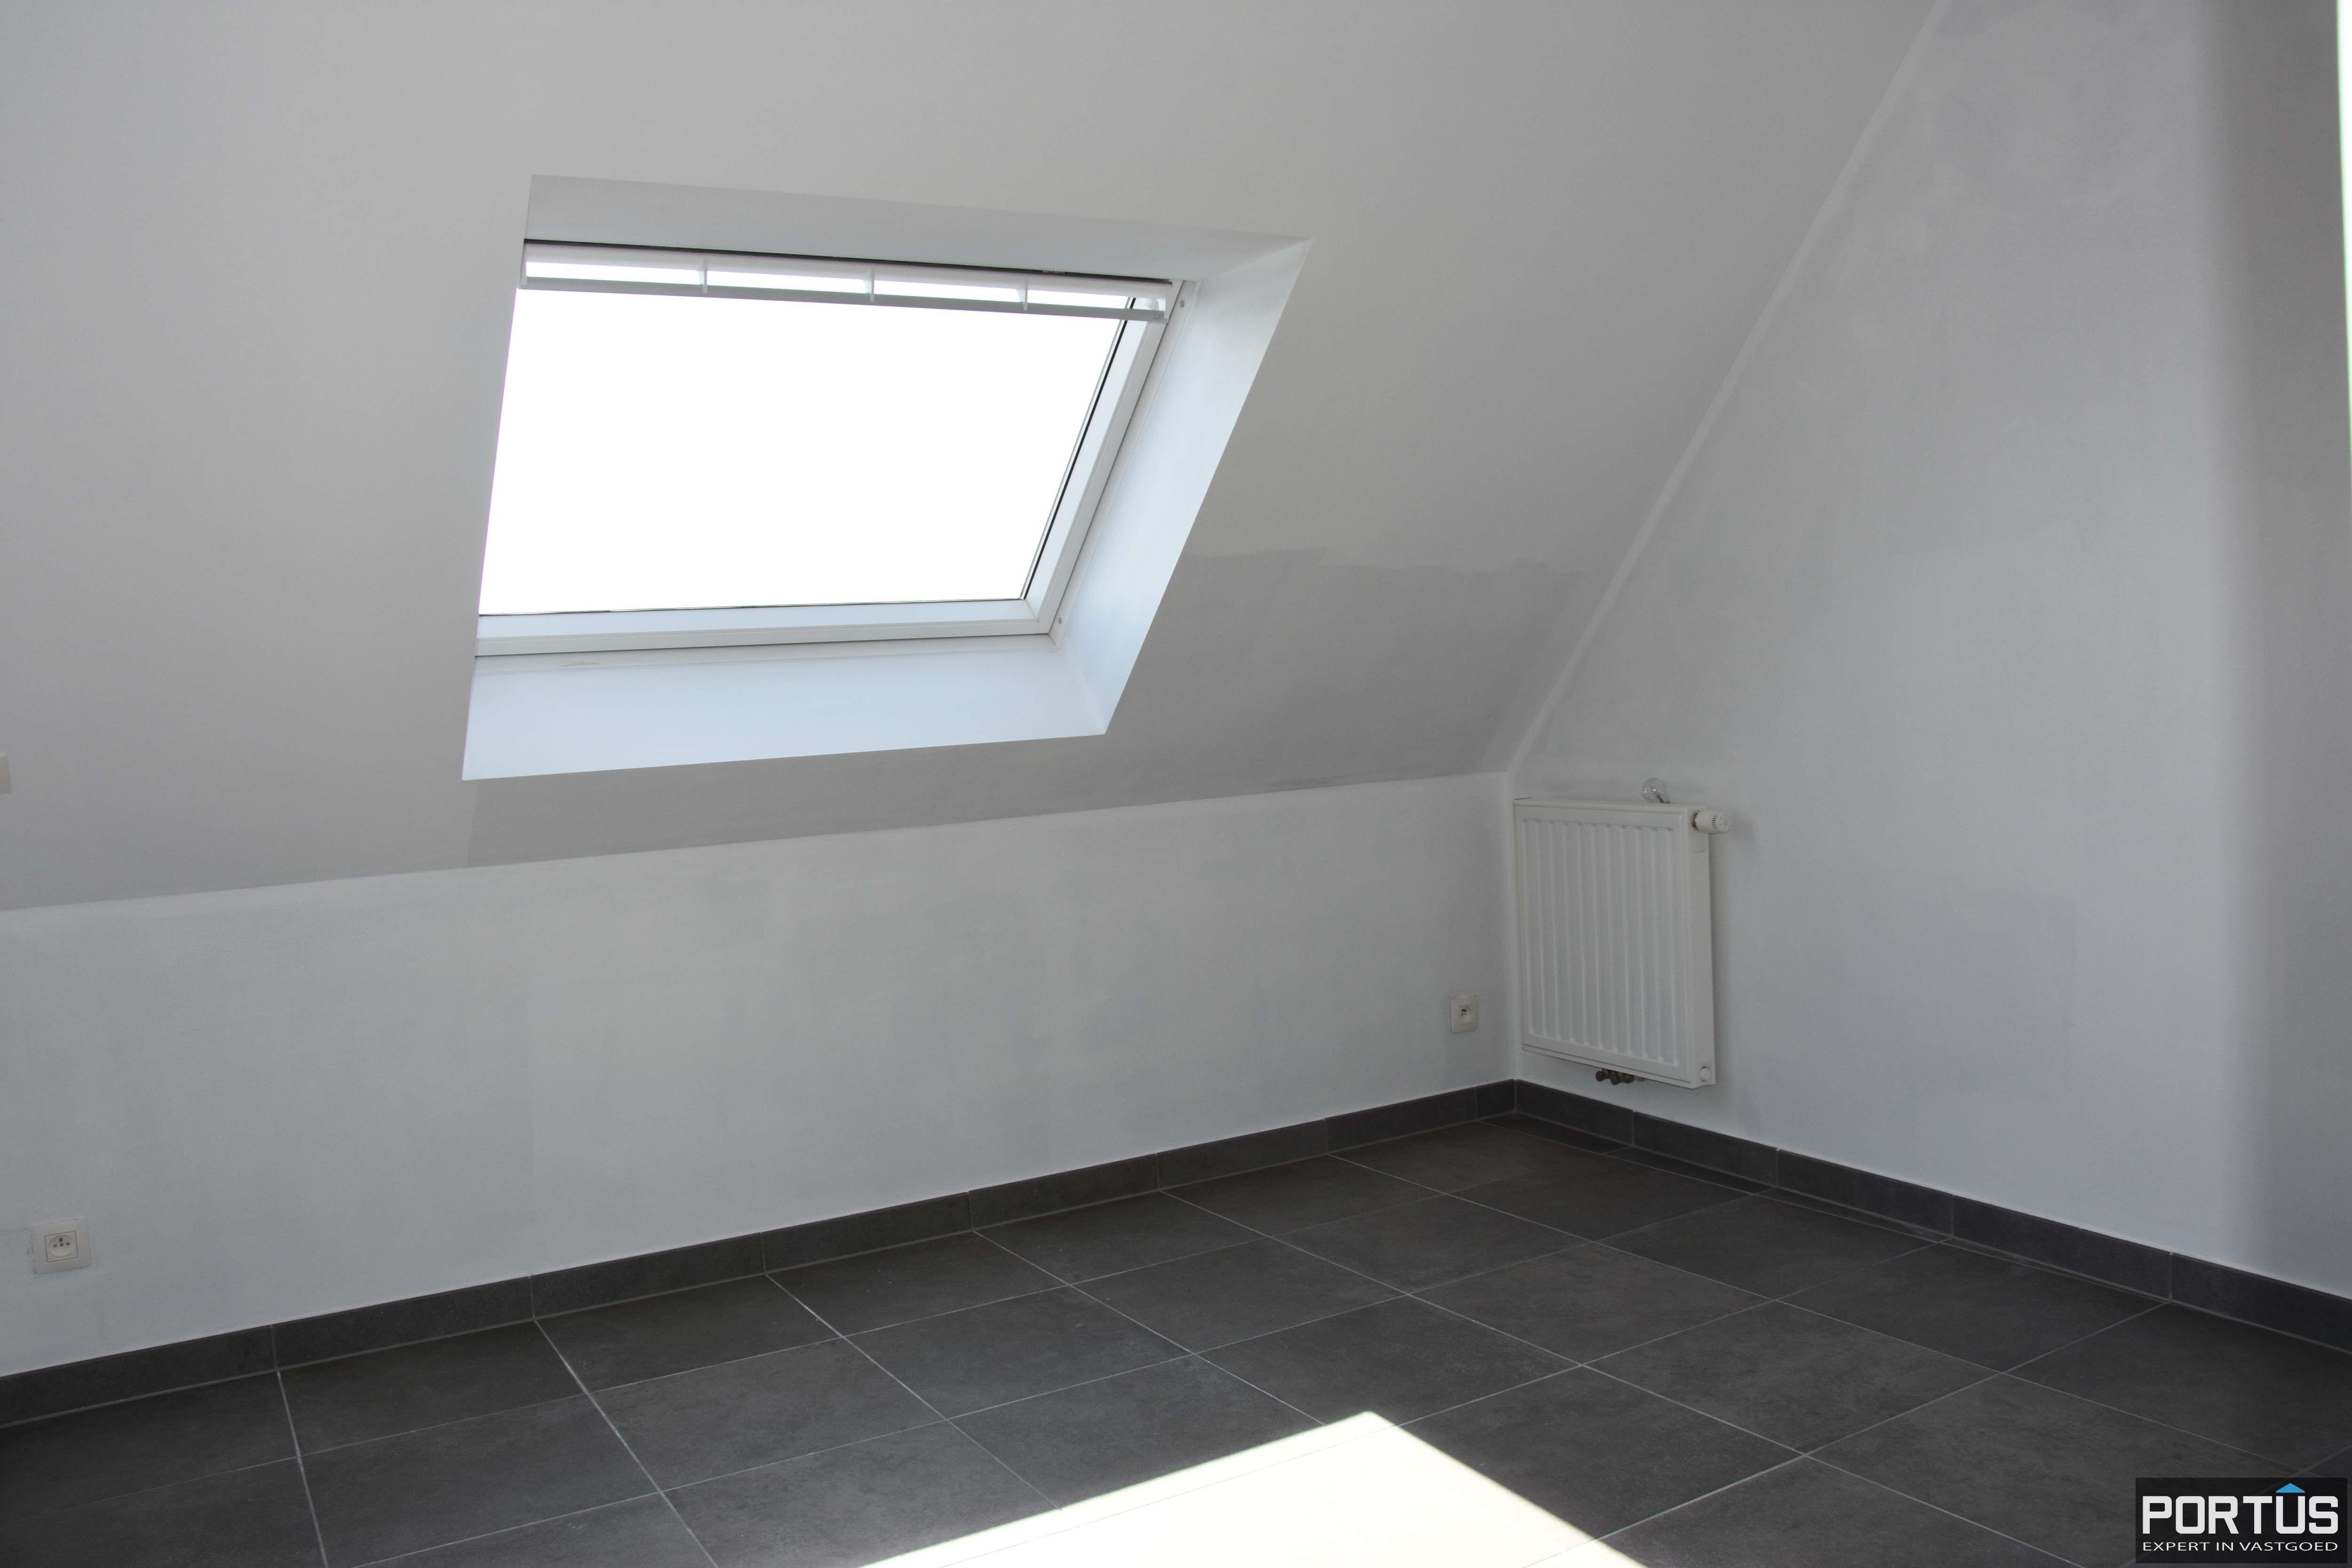 Nieuwbouw duplex-appartement met 2 slaapkamers te huur - 11009